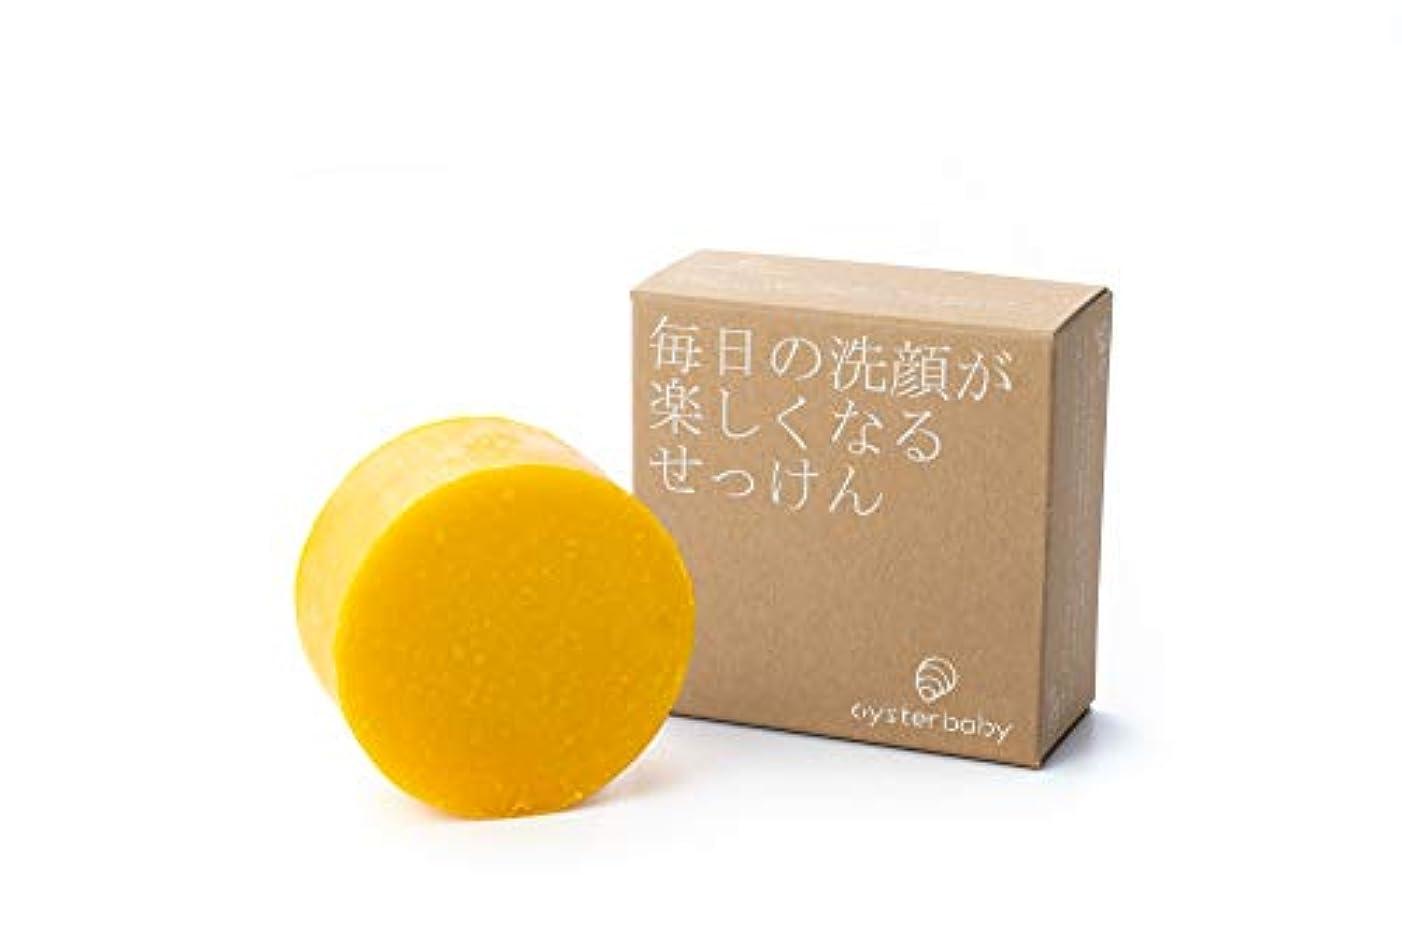 からかうレディスペアオイスターベイビー 洗顔石鹸 オレンジ&ラベンダー コールドプロセス製法 手作り石鹸 日本製